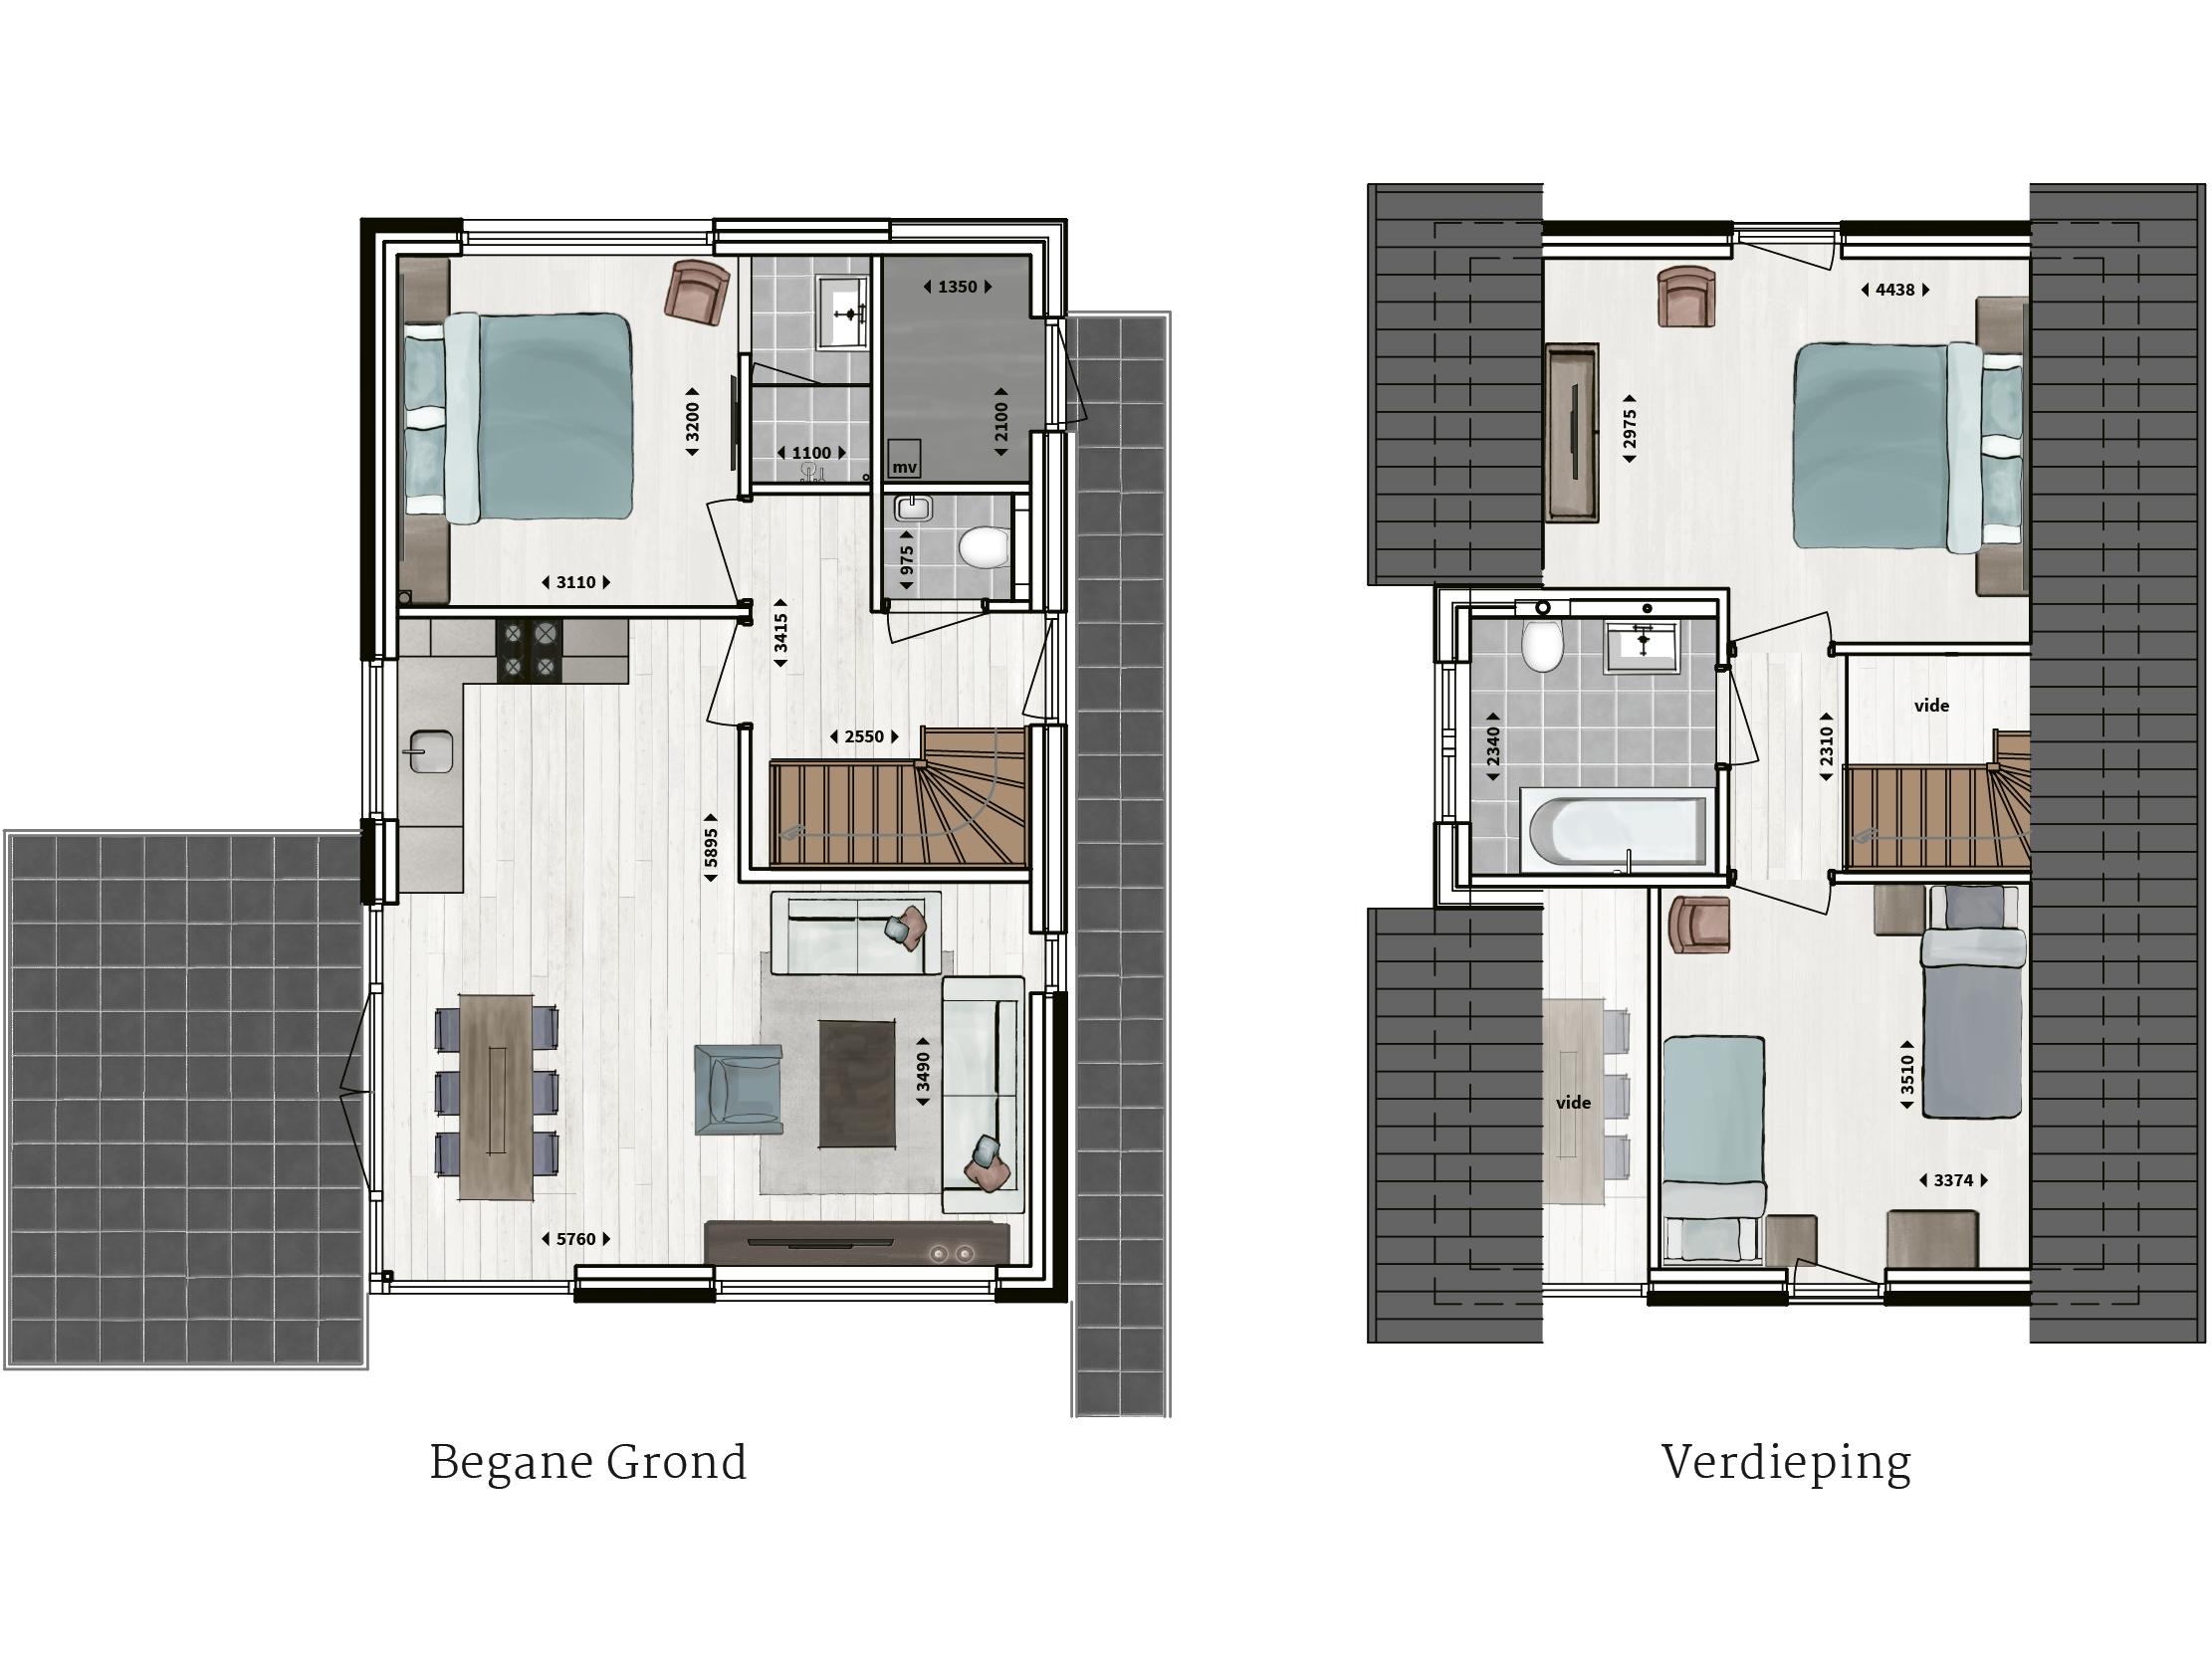 Kenmerken - - Pannengedekt - Gevel van overwegend metselwerk met houtacccenten- Drie slaapkamers- Twee badkamers met inloopdouche of ligbad- Compleet ingerichte keuken- Woonkamer met vide- Glazen hoekpui- Buitenberging